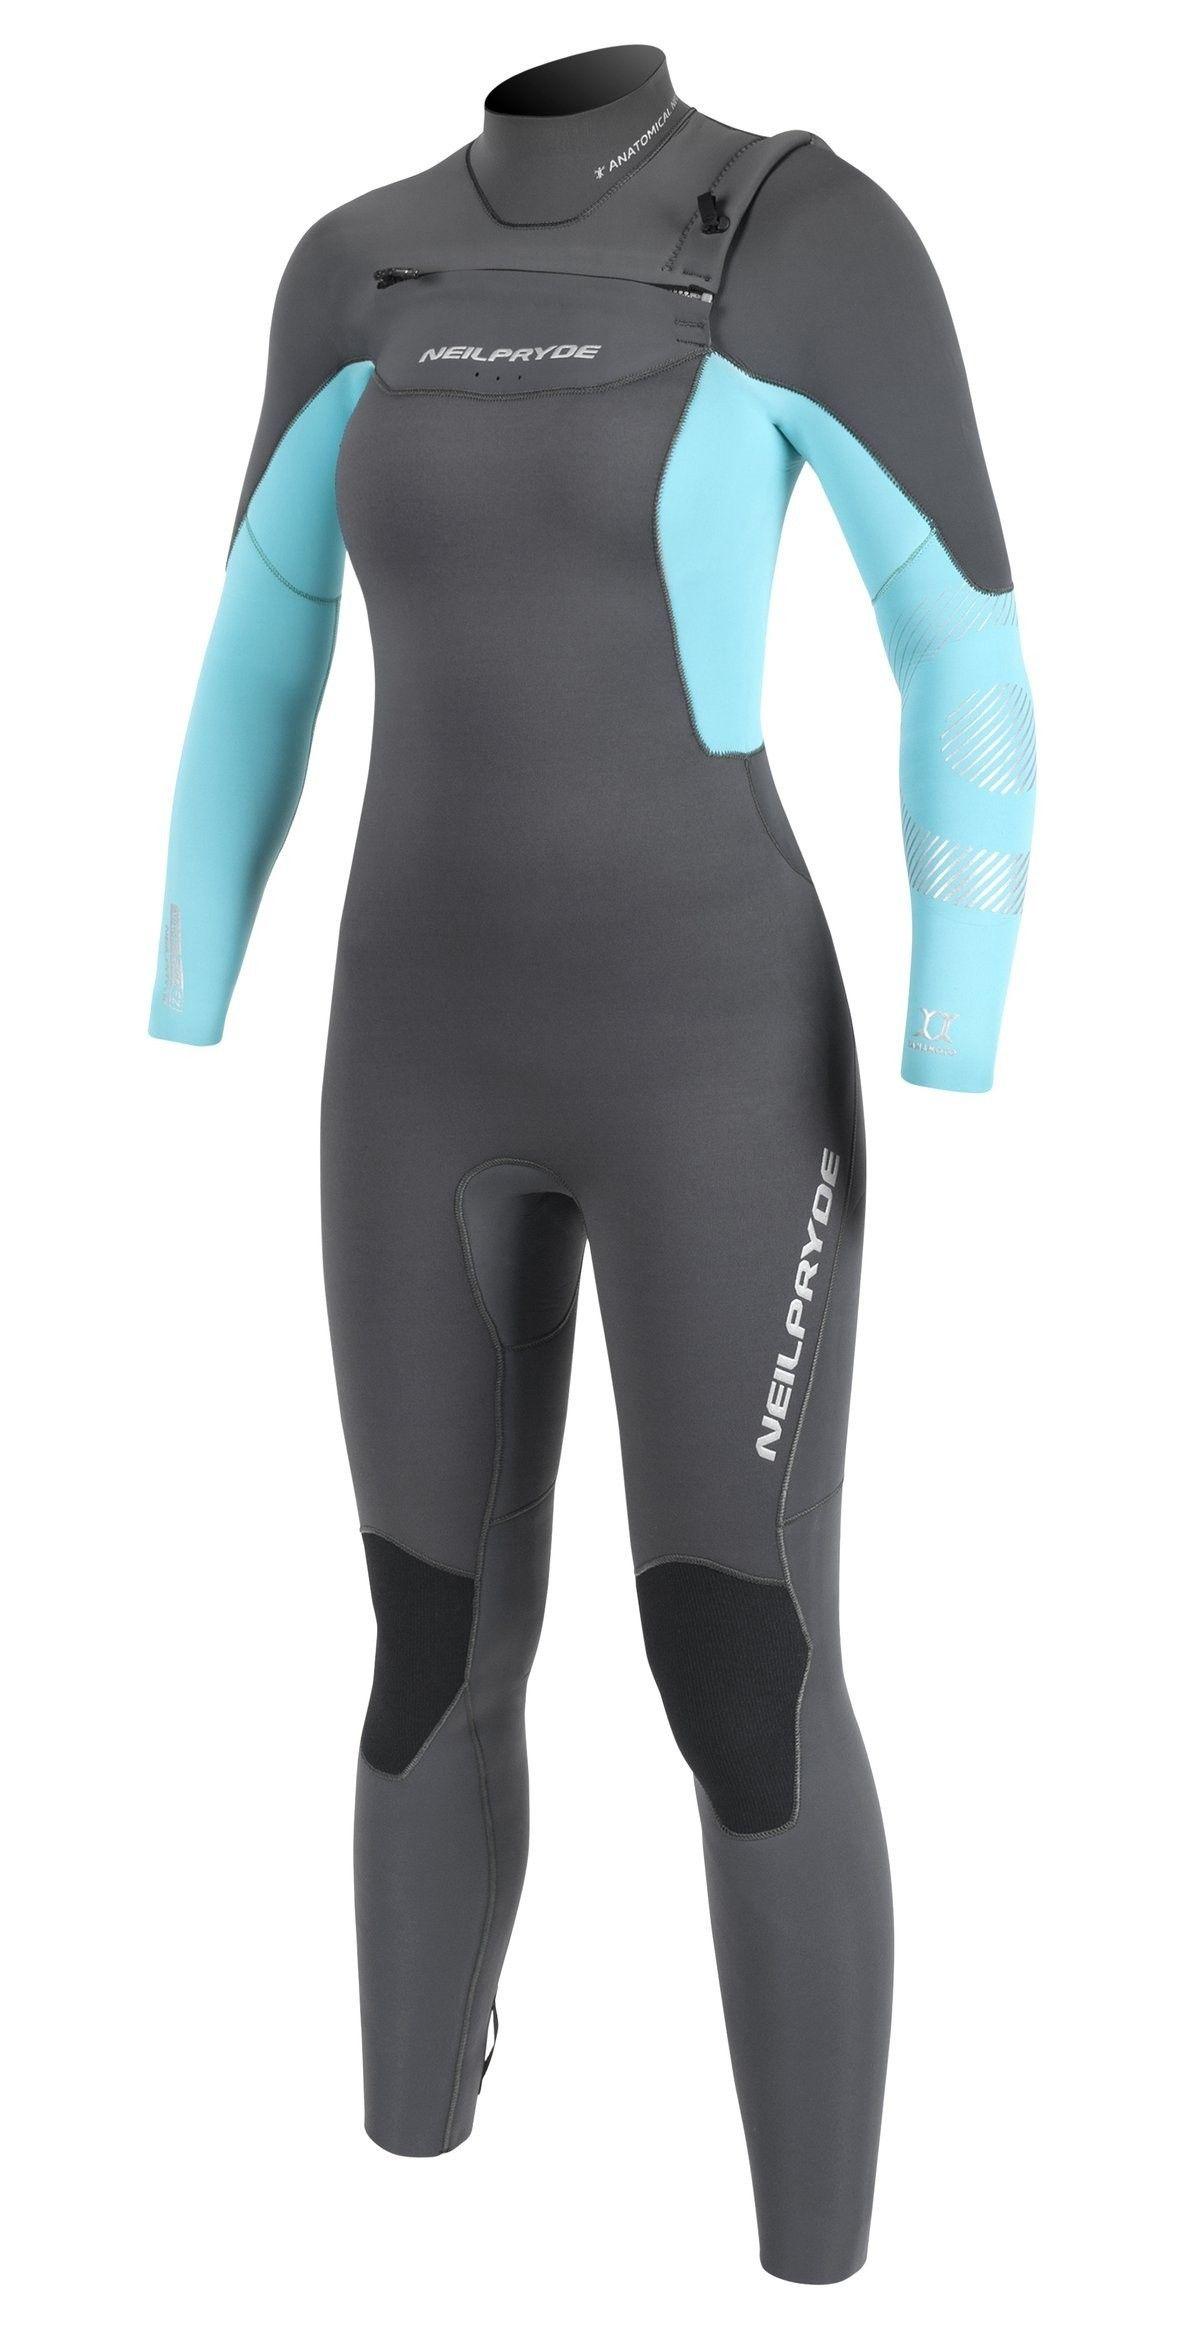 Neilpryde dames front zipp wetsuit Vamp 5/4 2020